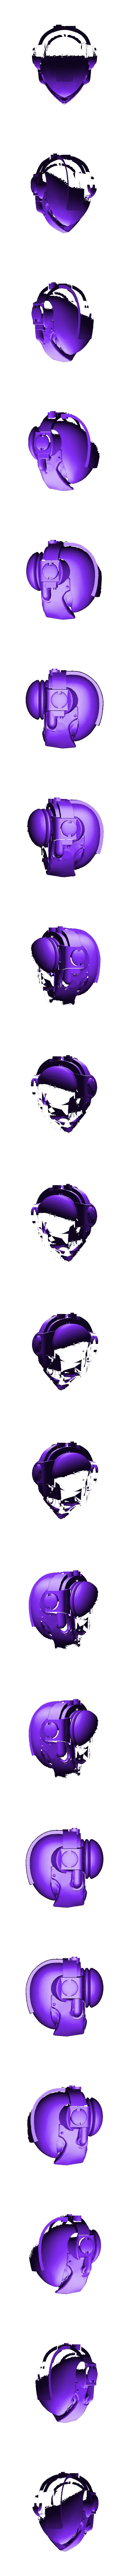 Head 1.stl Télécharger fichier STL gratuit L'équipe des Chevaliers gris Primaris • Modèle pour imprimante 3D, joeldawson93